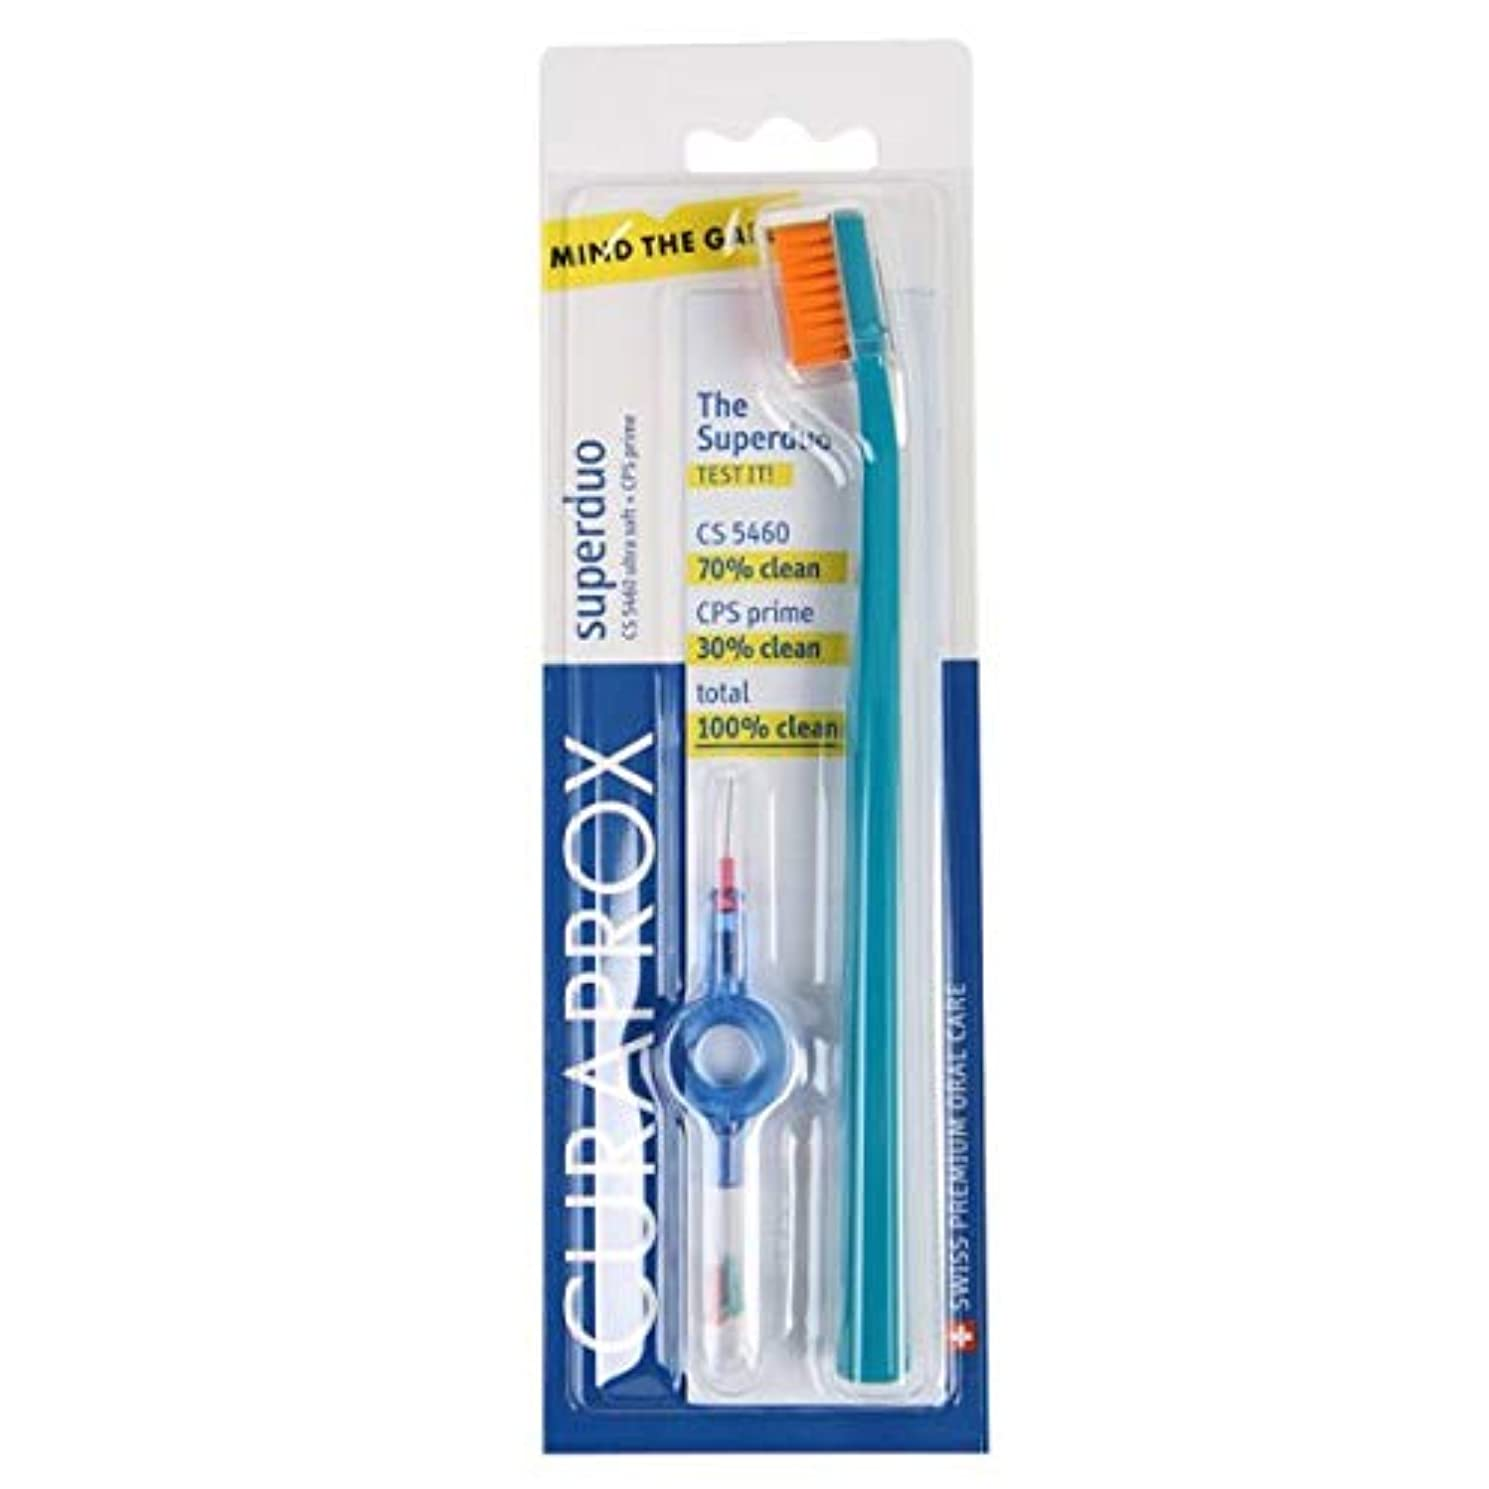 信じられない関与する若いクラプロックス 歯ブラシ+歯間ブラシ セット CS 5460 + CPS 06/07/08, UHS 409 holder + cap